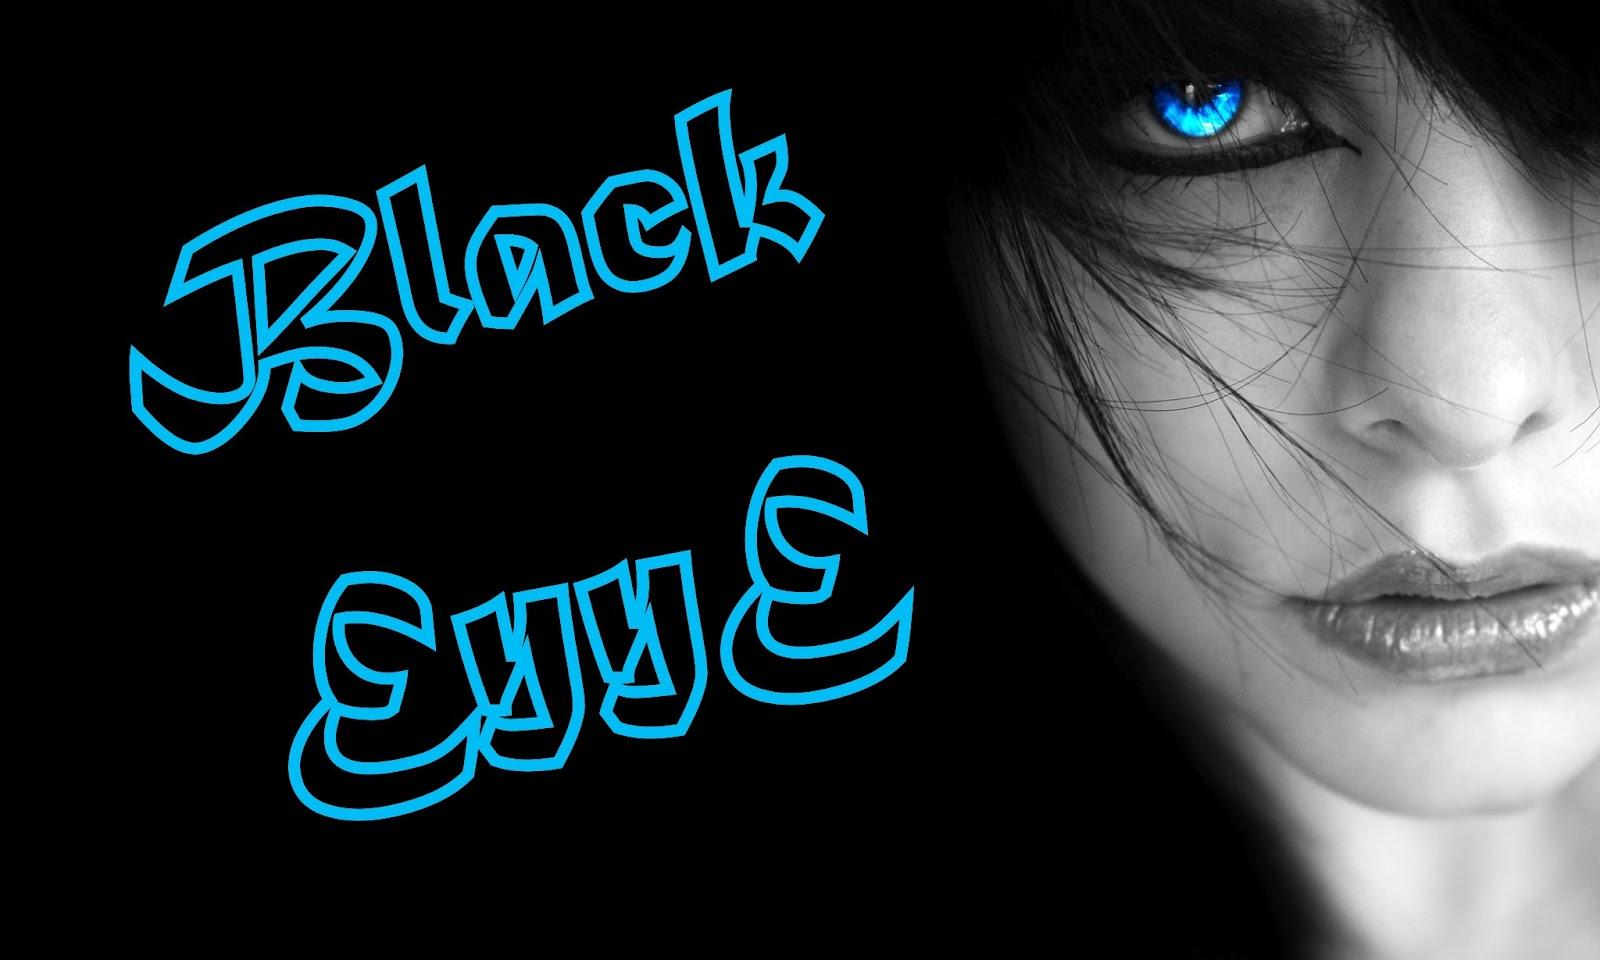 http://1.bp.blogspot.com/-Foih_wtbJF8/UG6oGJi8ivI/AAAAAAAAAA4/01g-8vcPpuk/s1600/dark-5000x3000.jpg